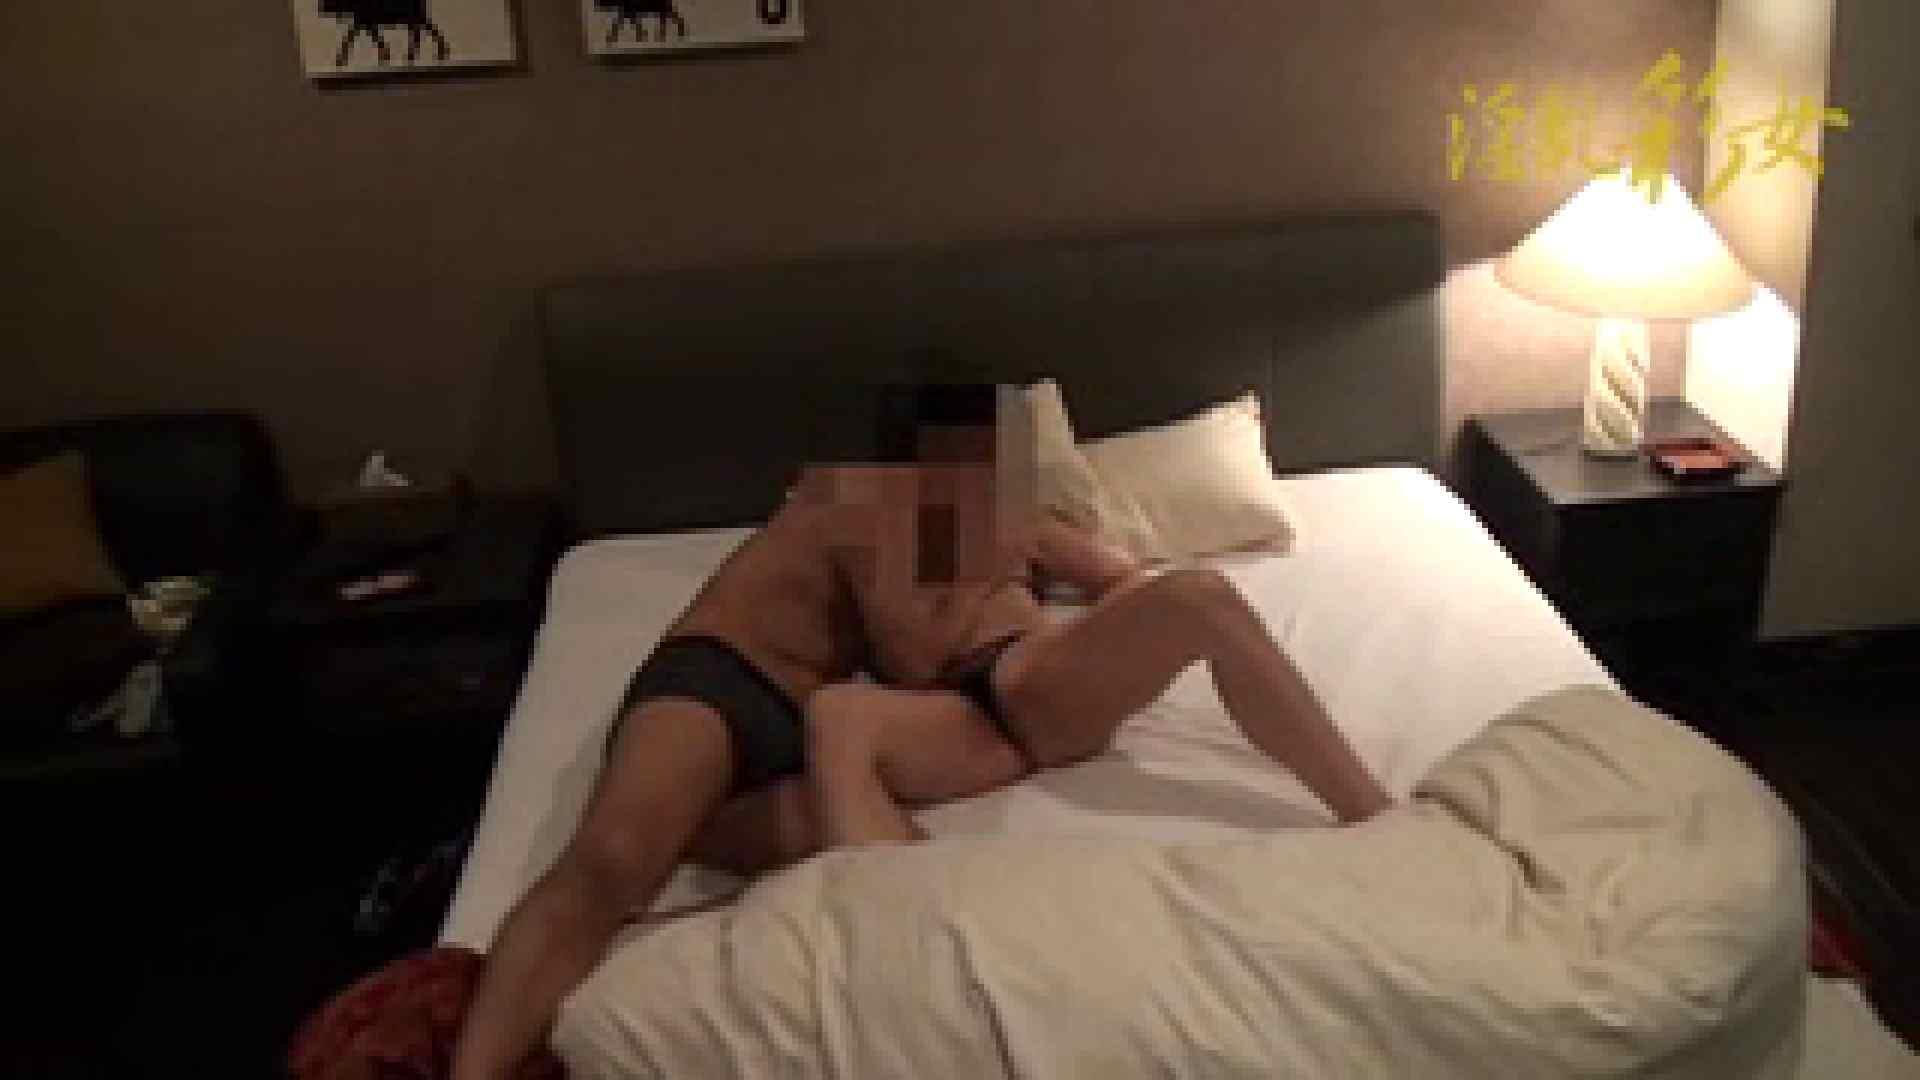 淫乱彩女麻優里 30歳デカマラ単独君 ハイビジョン ホテル潜入   SEX  103pic 60